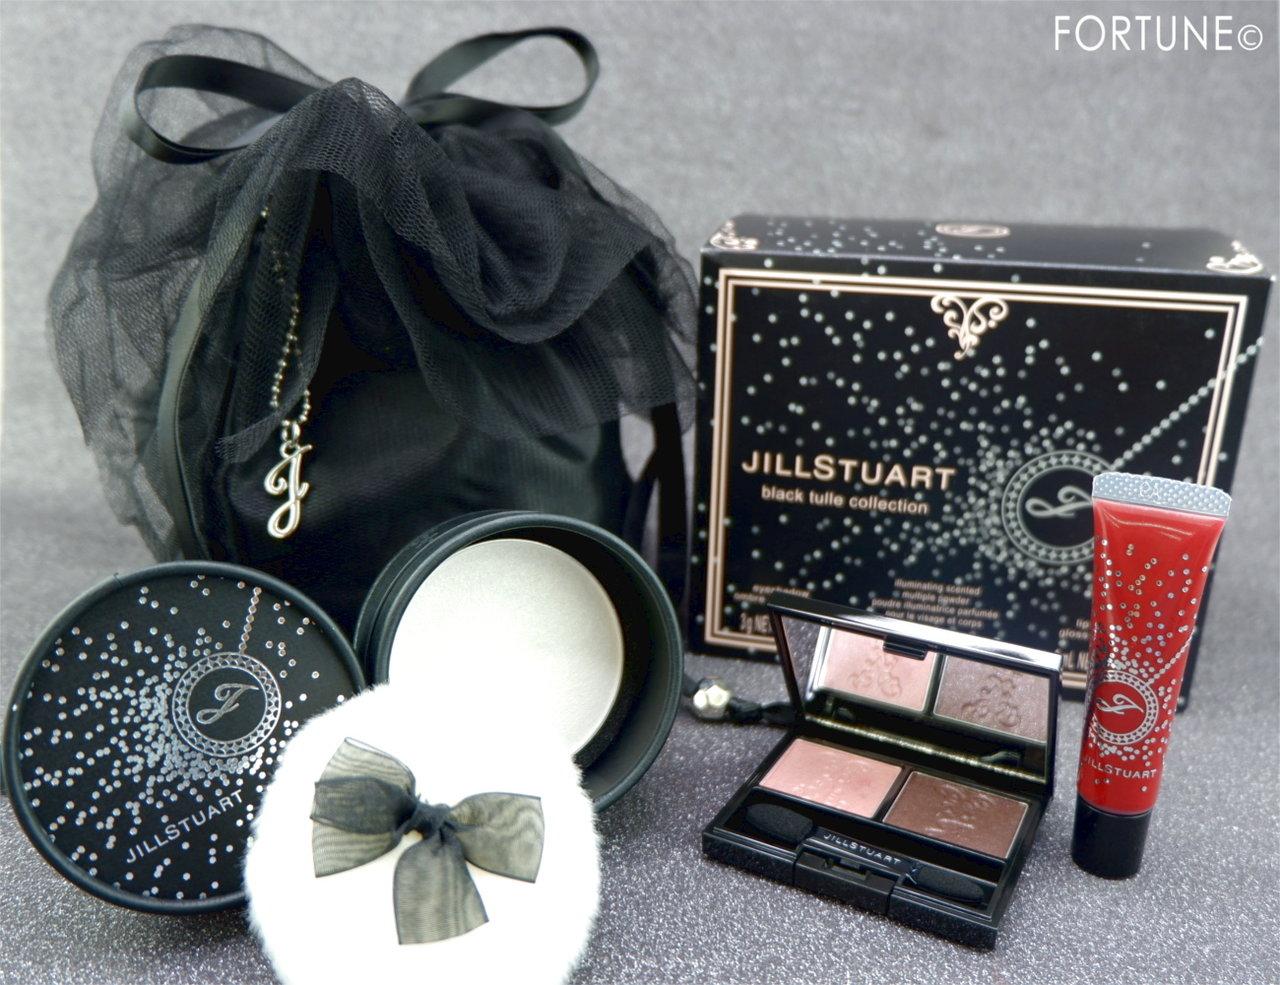 ジルスチュアート<My black dress>2019クリスマスコフレ「ブラックチュール コレクション」